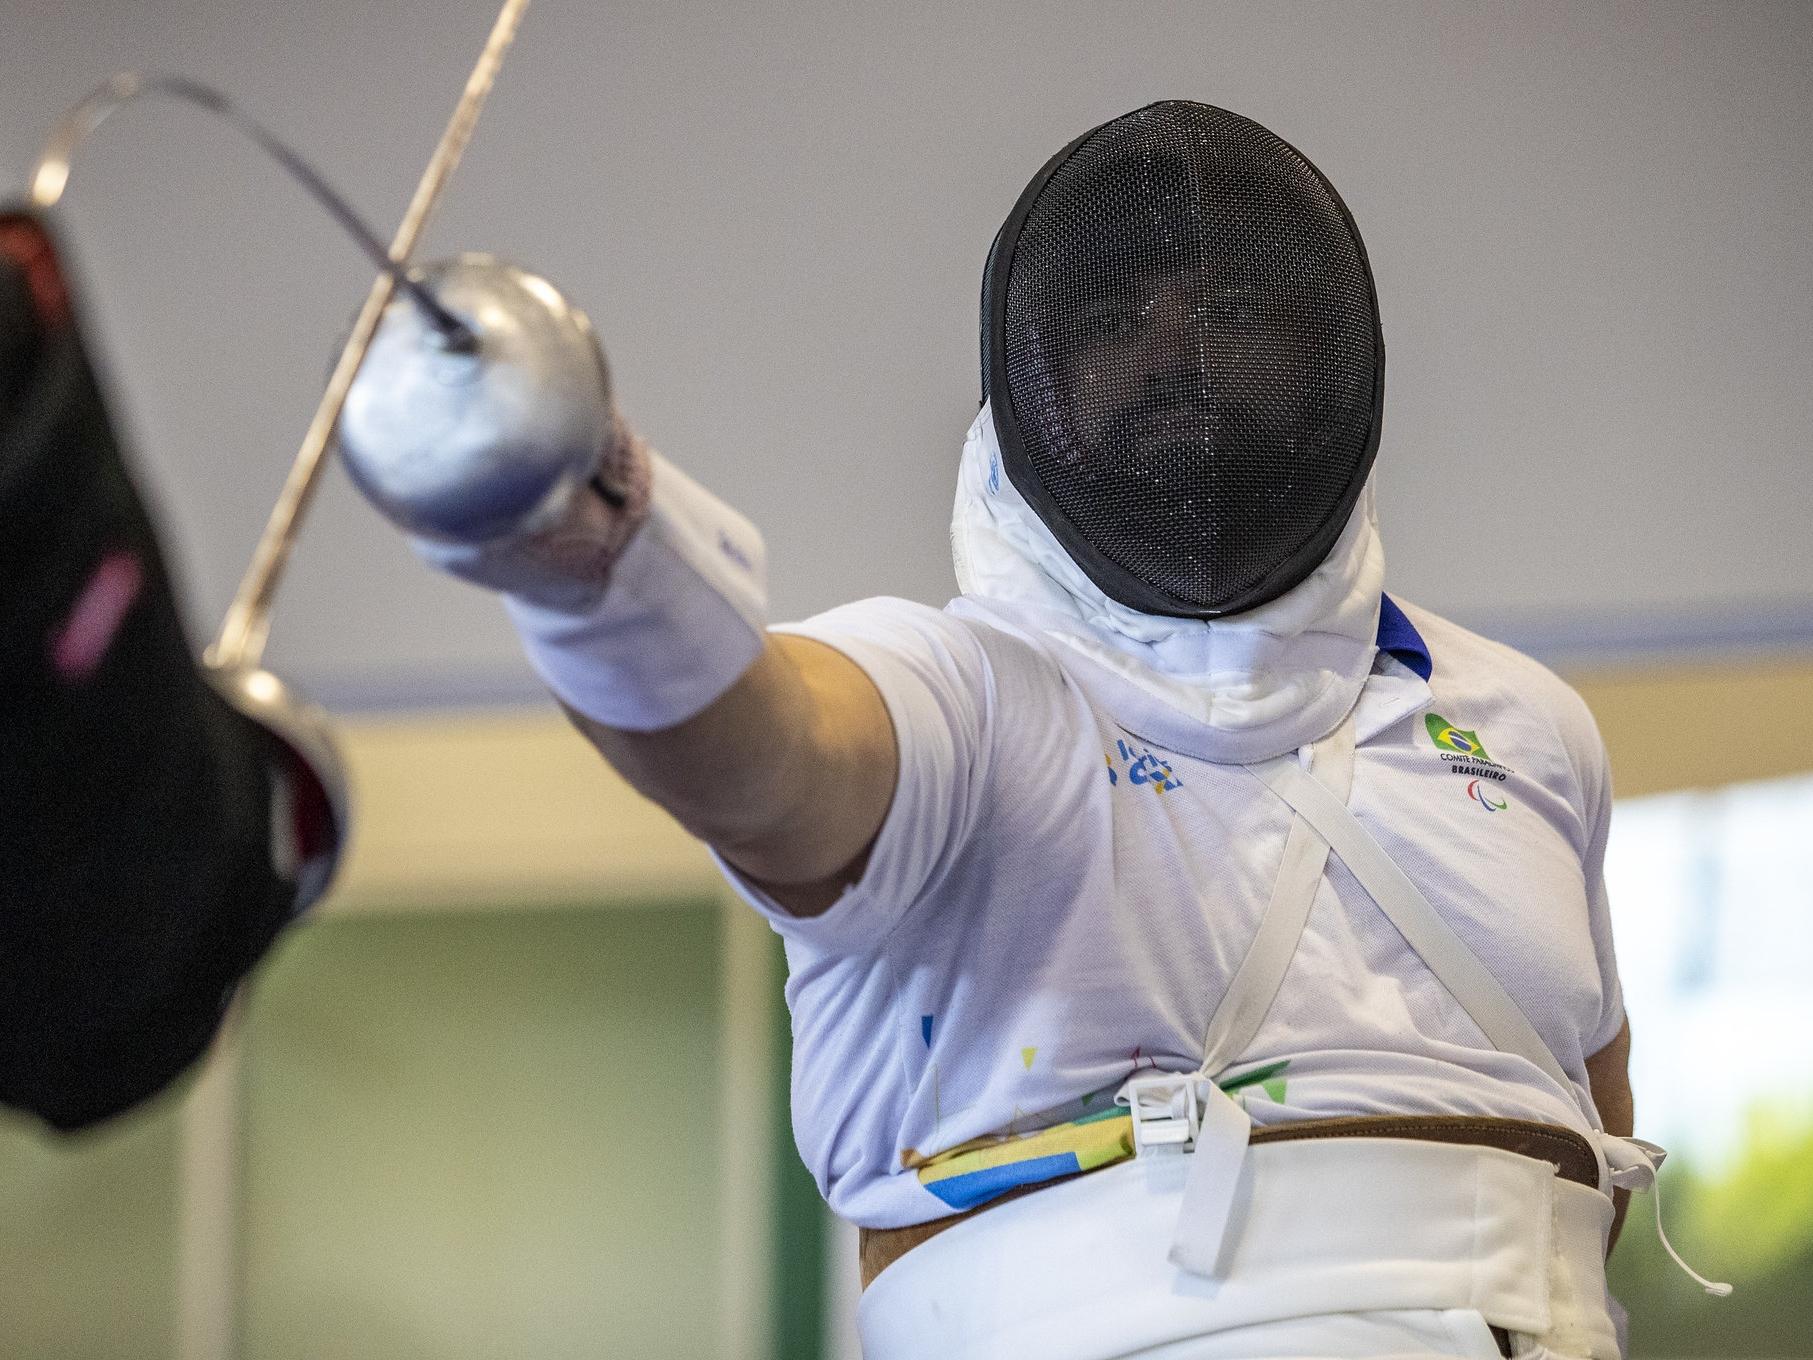 Em reta final de treinos no CT Paralímpico, Jovane Guissone faz últimos ajustes para Tóquio 2020